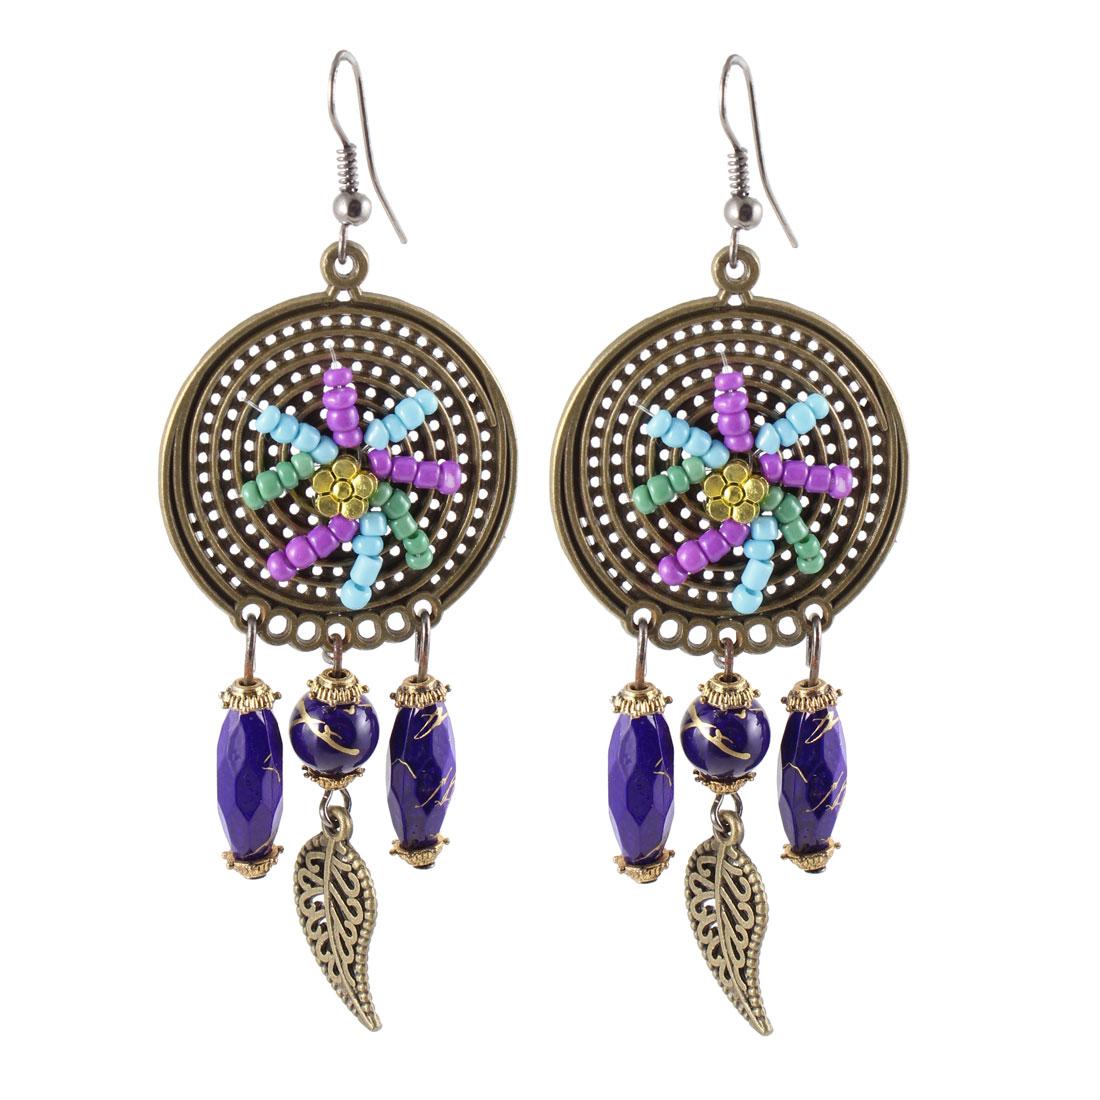 Purple Beaded Bronze Tone Metal Leaves Pendant Fish Hook Earrings